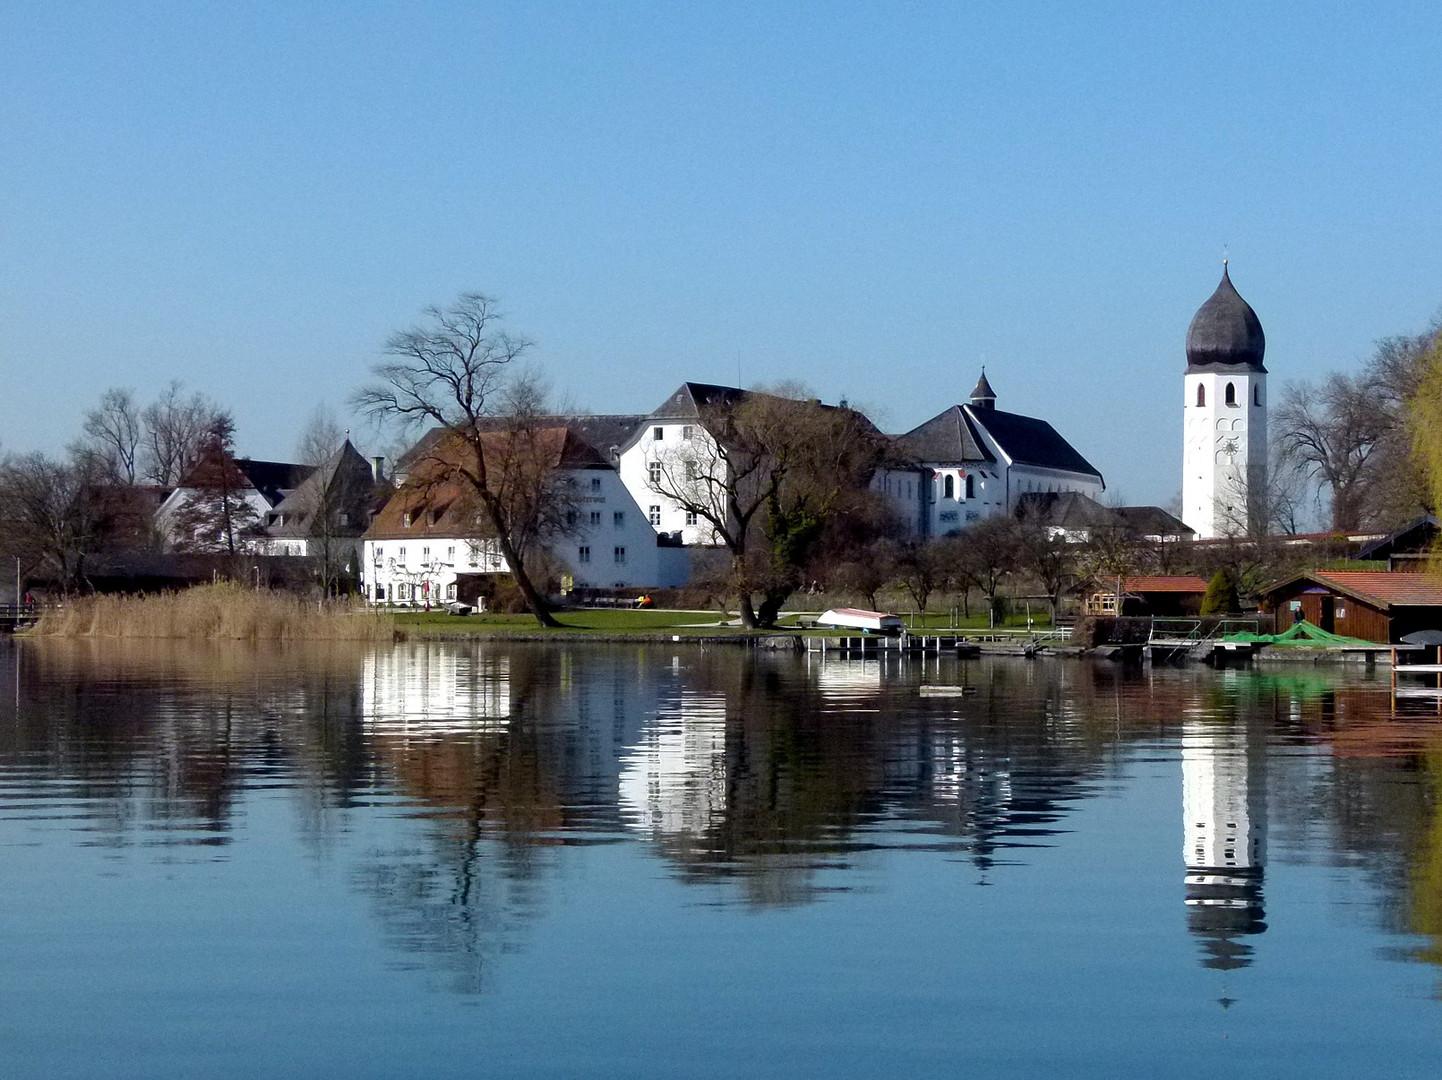 Die Fraueninsel im Chiemsee mit dem Benediktinerinnenkloster und dem frei stehenden Glockenturm